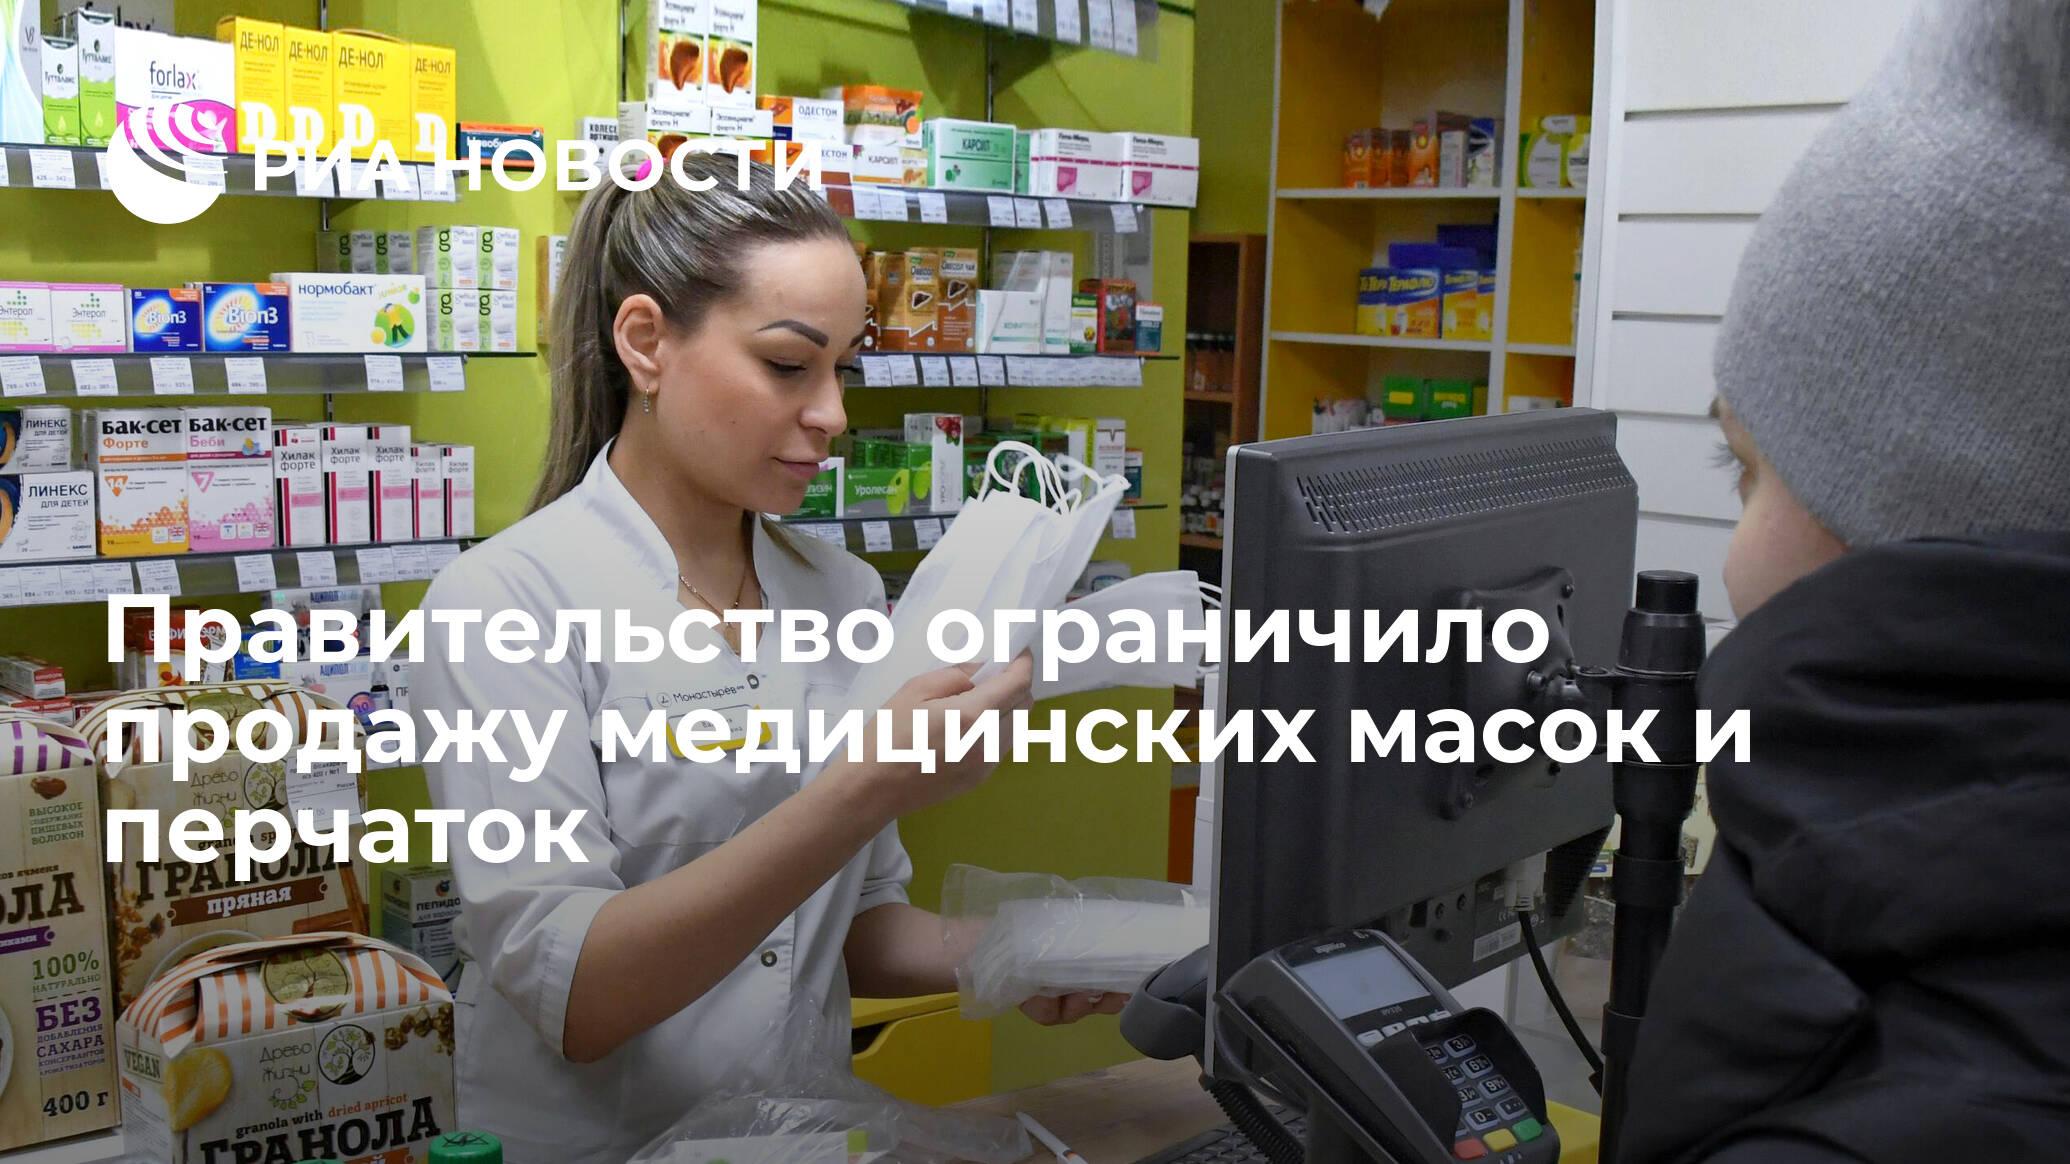 Правительство ограничило продажу медицинских масок и перчаток